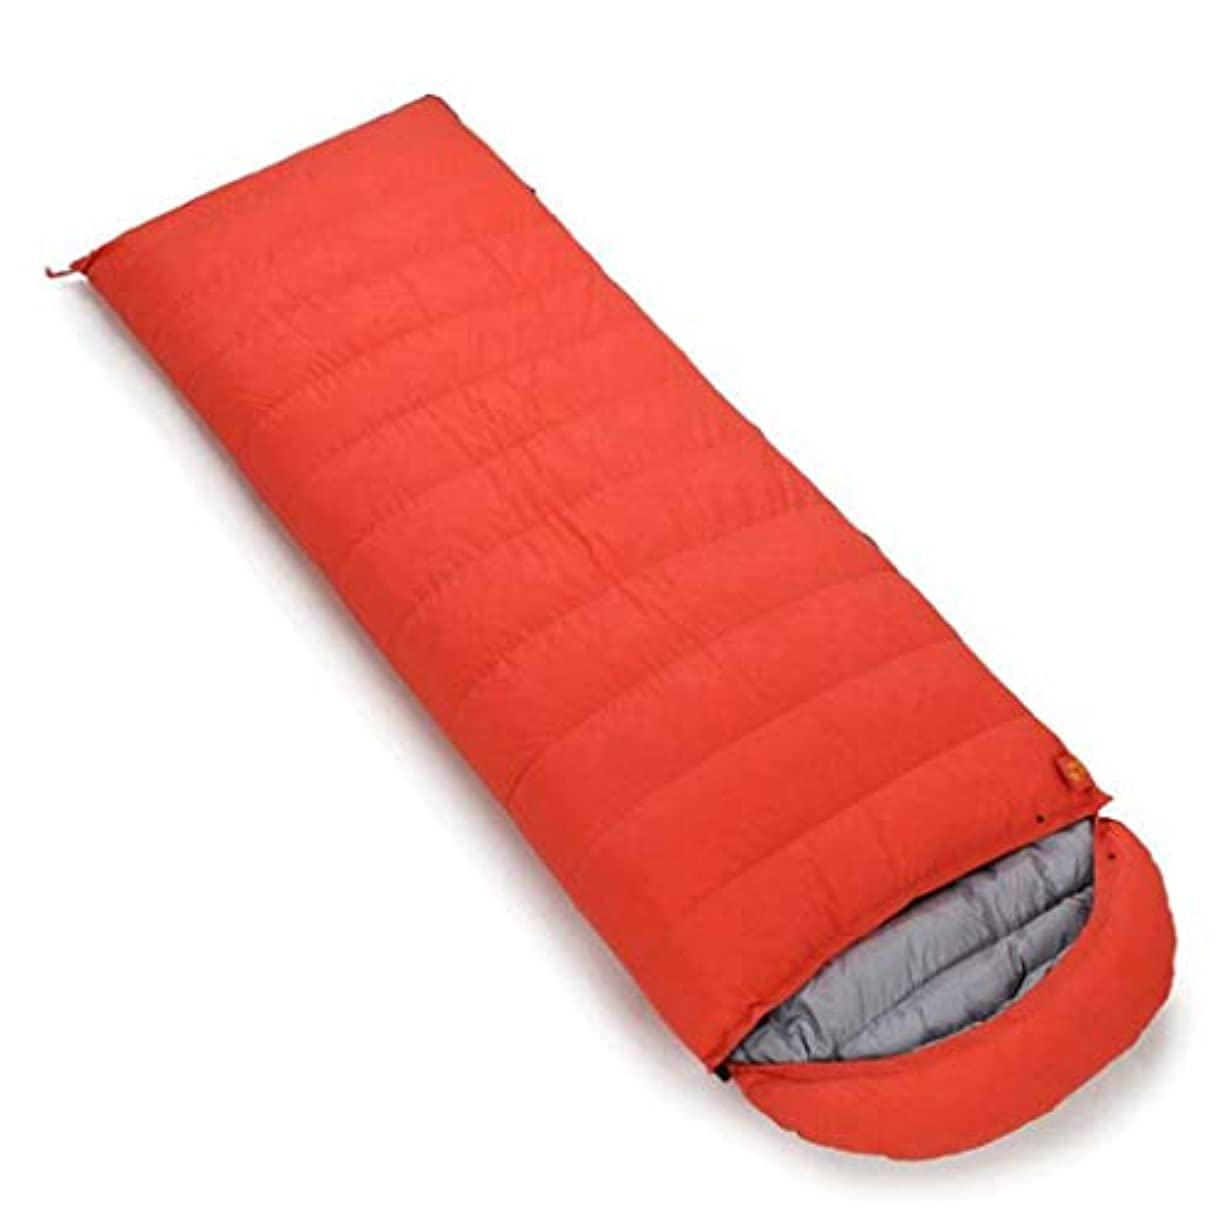 きちんとしたコック打倒屋外キャンプ用寝袋屋外縫製ダブル寝袋ポータブル圧縮寝袋 (Capacity : 2.1kg, Color : Orange)